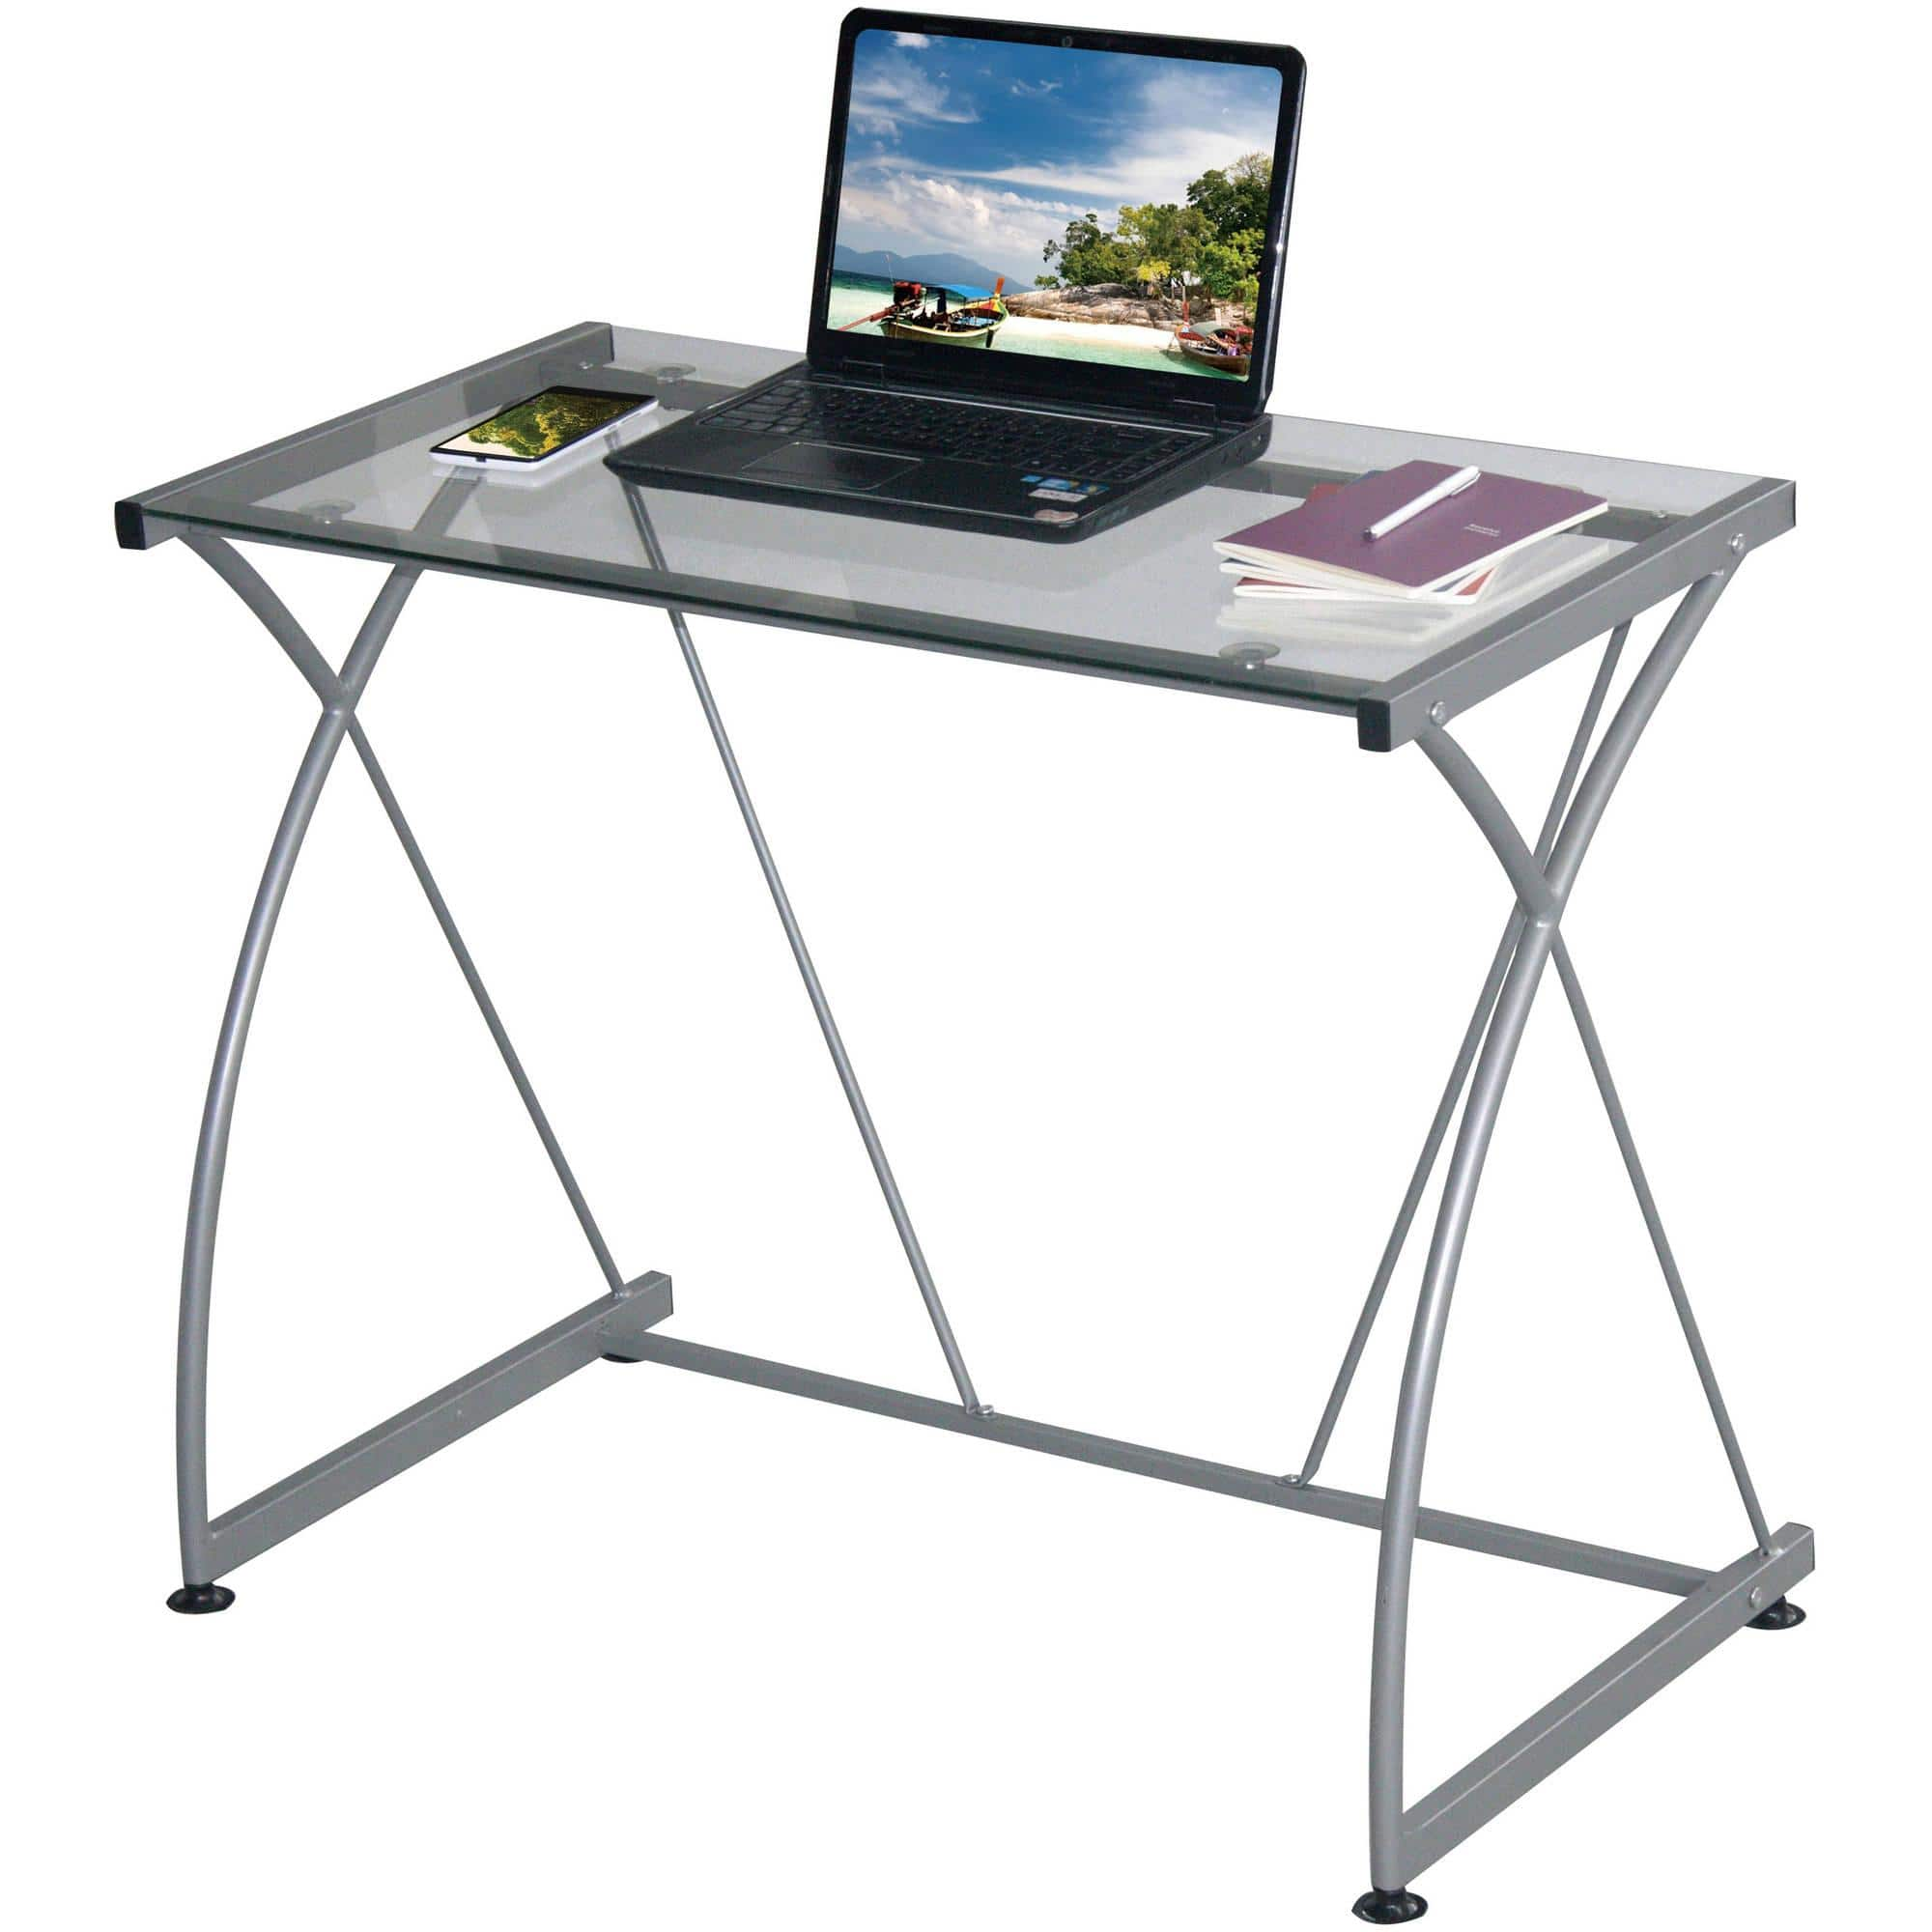 Techni Mobili Tempo Grey Desk  $22.60 + Free Site-to-Store Shipping